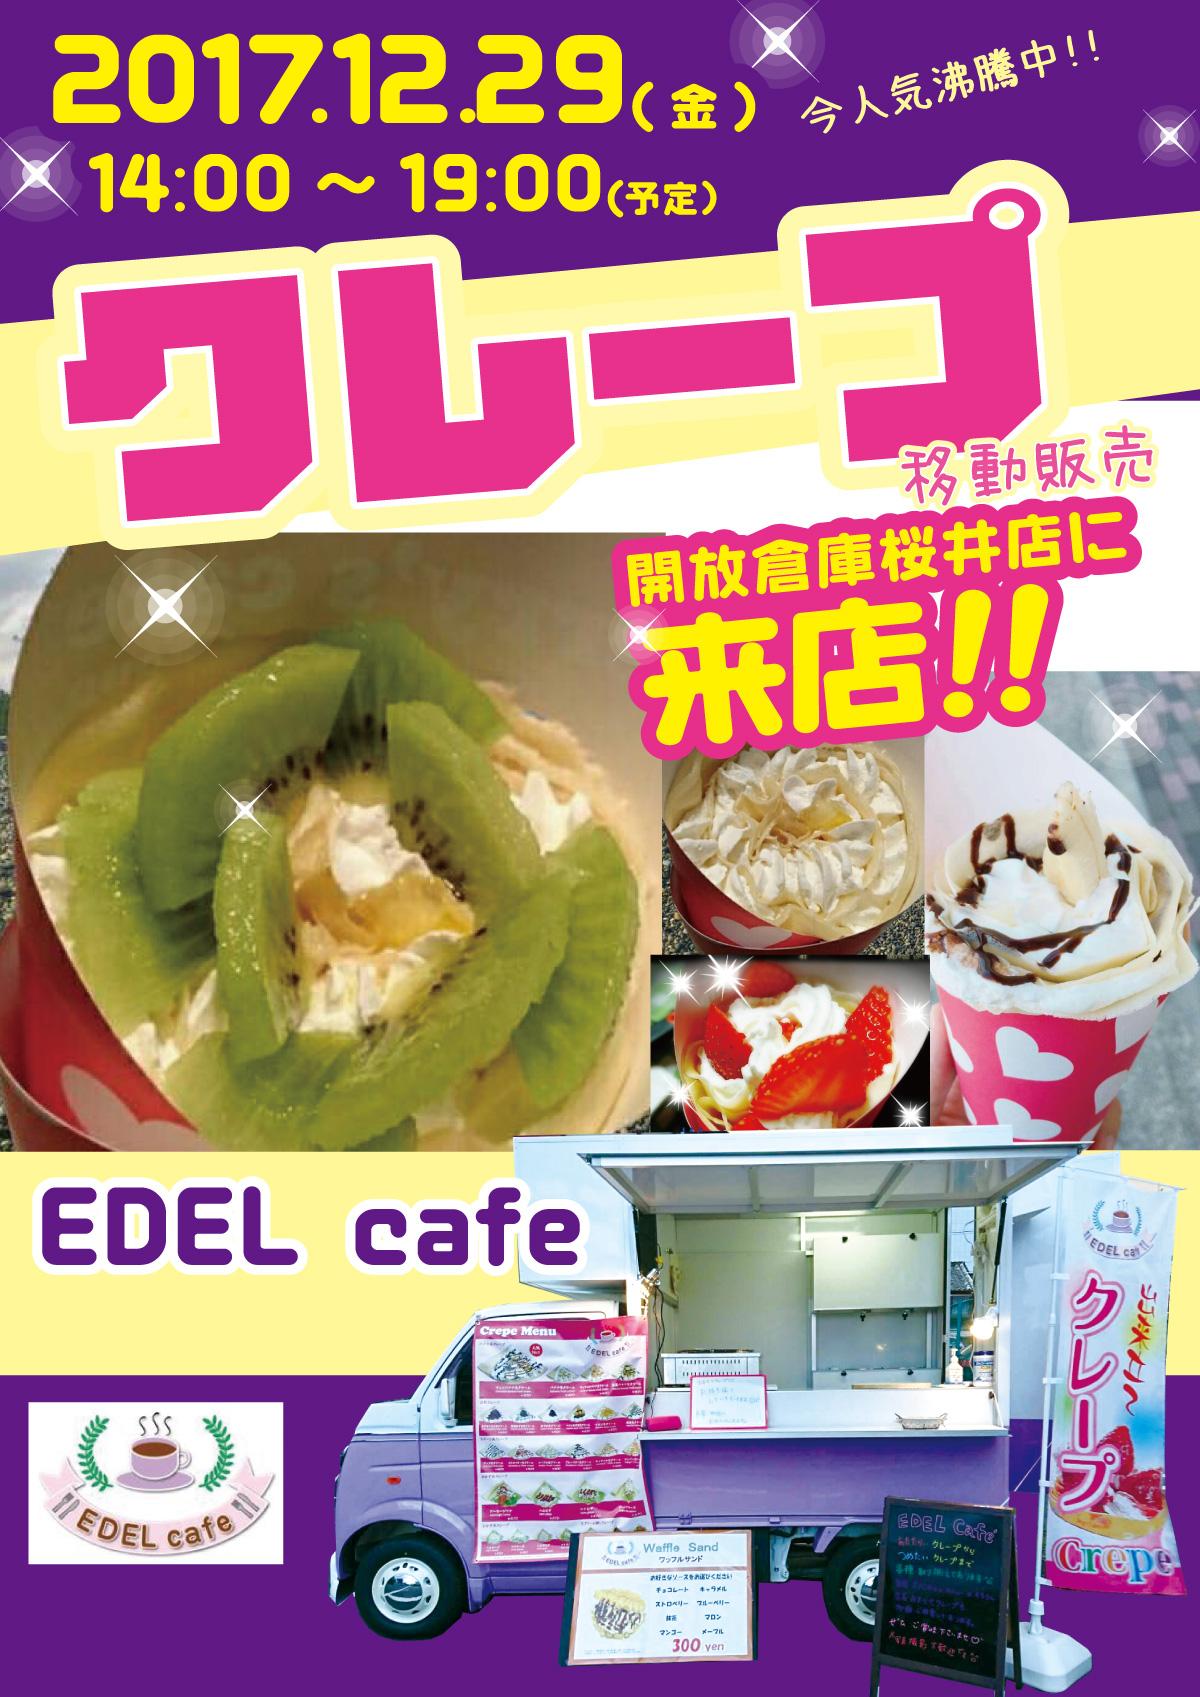 「開放倉庫桜井店」クレープ移動販売<EDEL cafe>が桜井店に来店決定!12/29(金)14:00~19:00(出店予定)です!